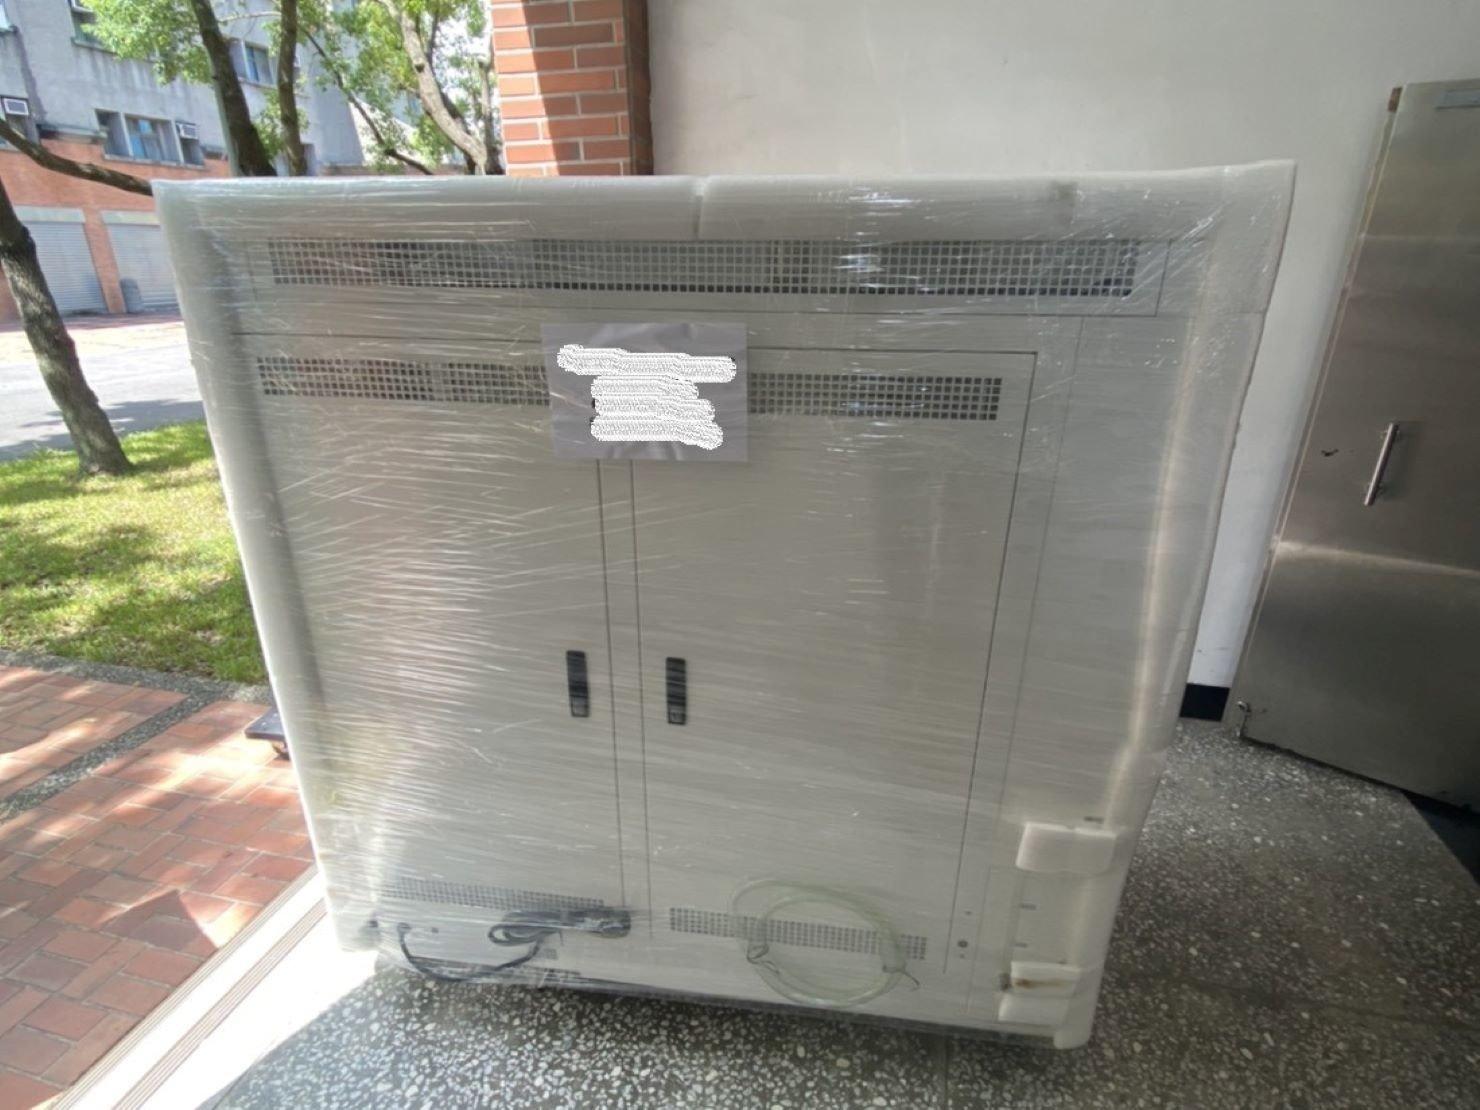 搬機台【榮福搬家貨運有限公司】搬切割機、搬重物、值得您來選擇:榮福搬家特殊重物搬運-煙燻指紋箱包裝